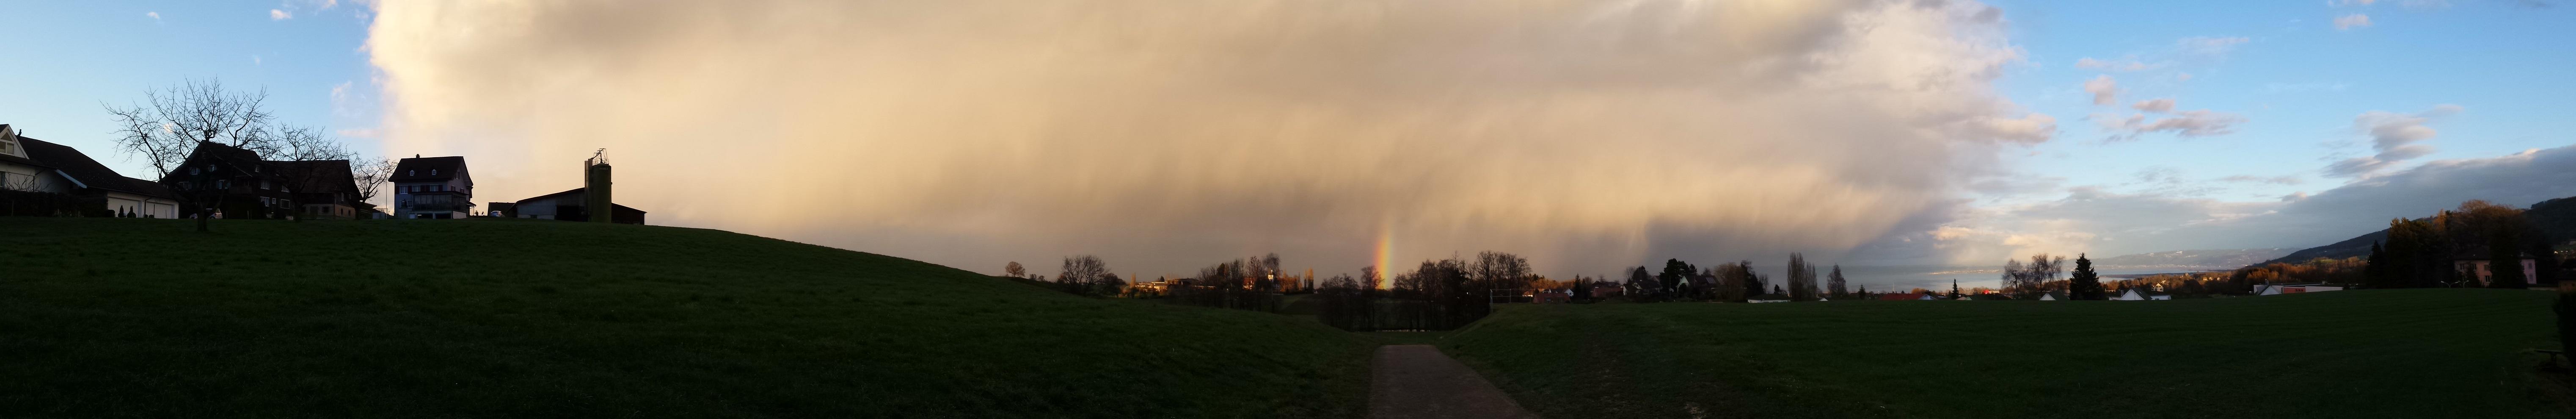 Schöner Januarschauer mit Regenbogen über meiner Wetterstation